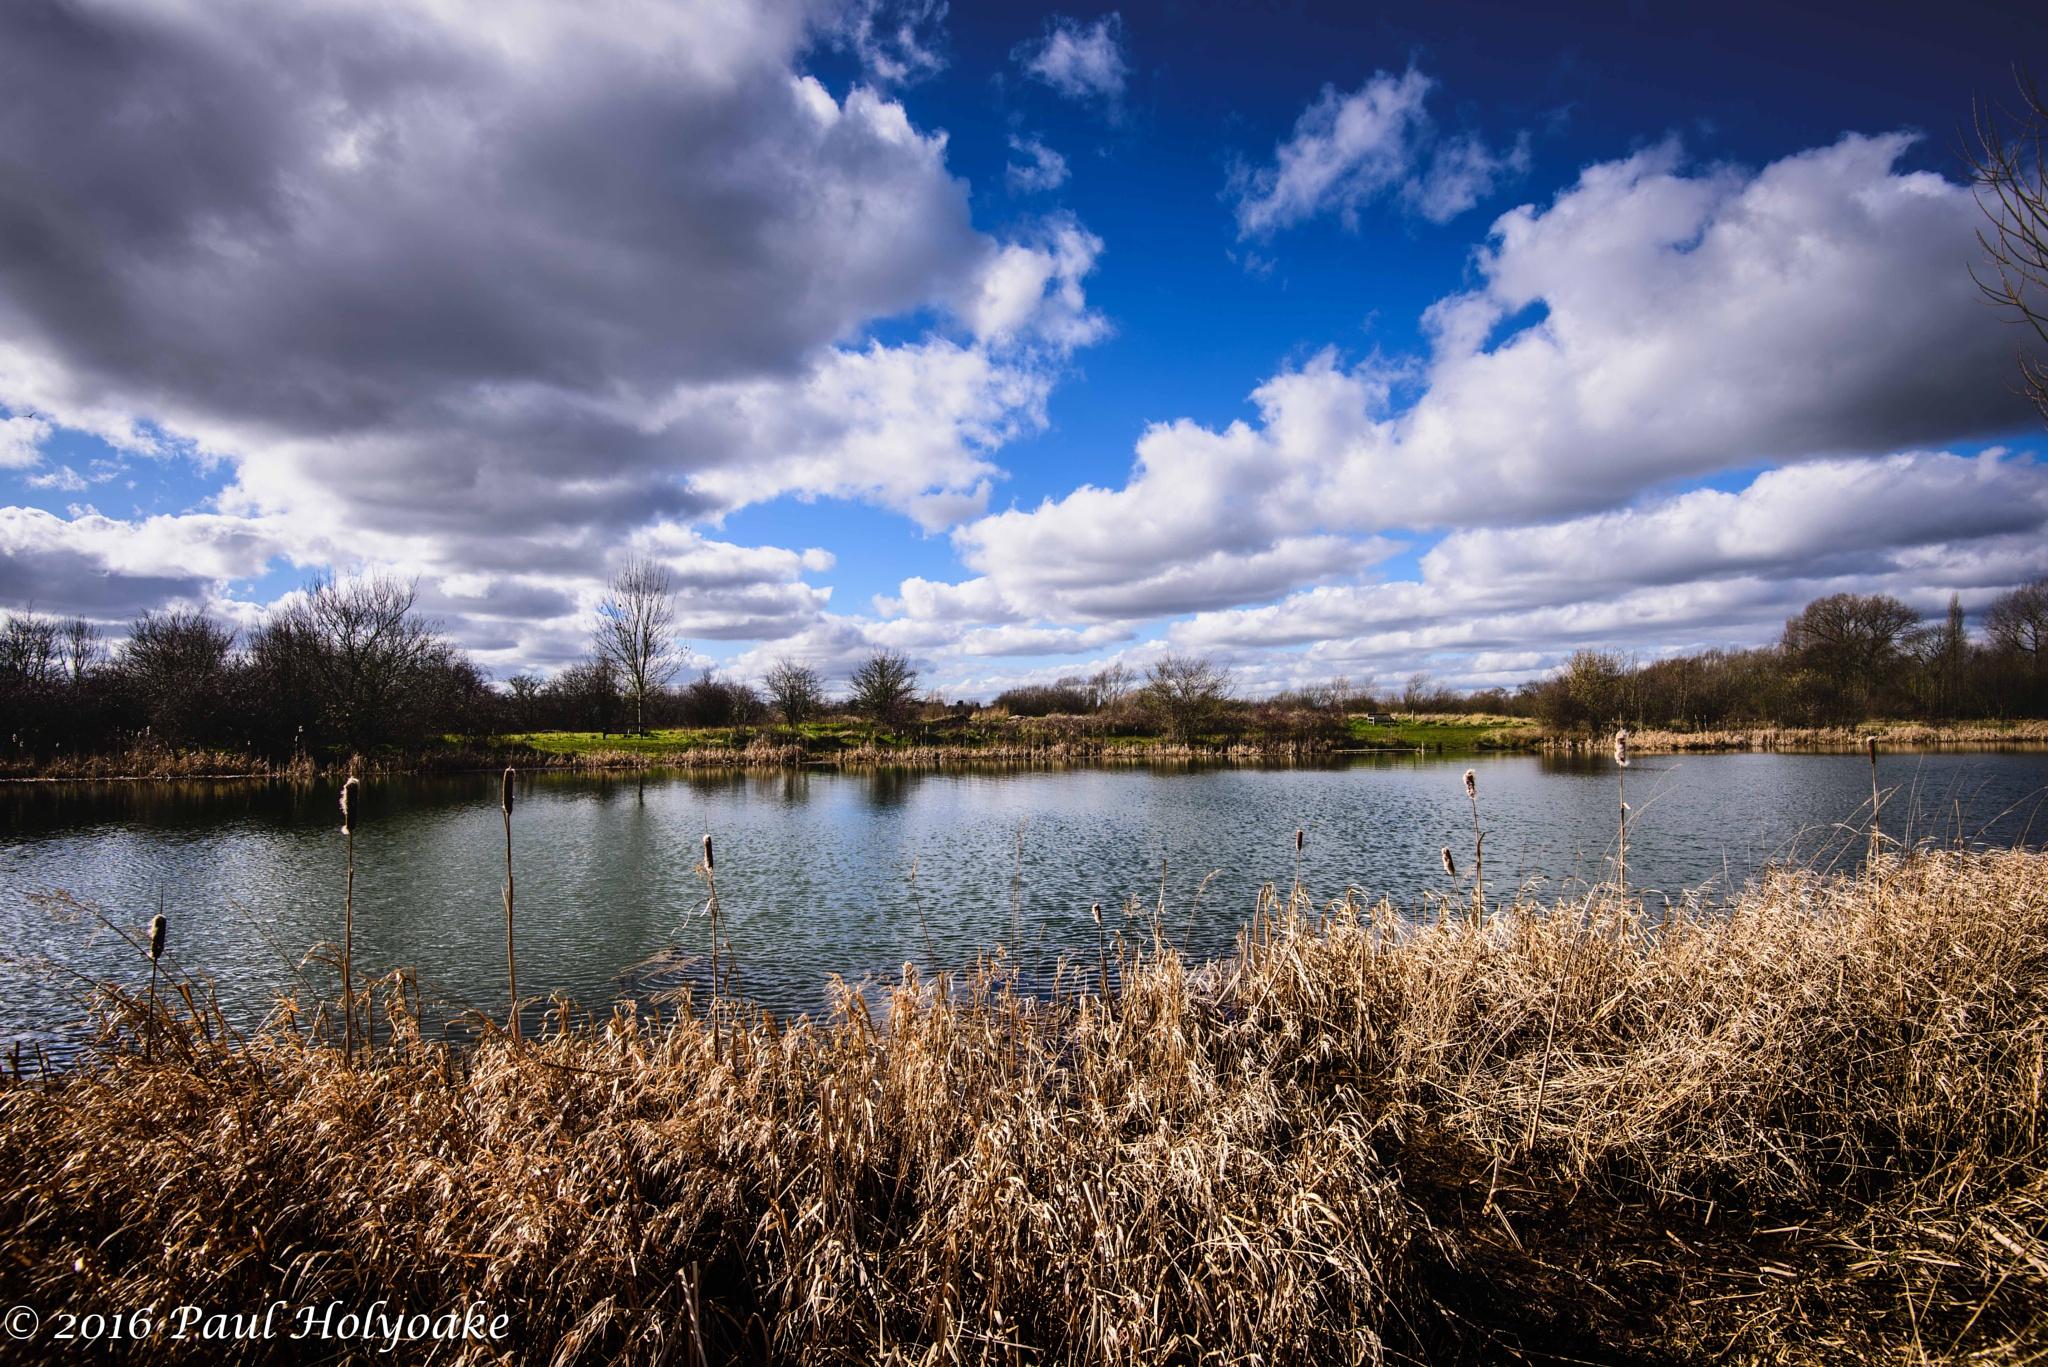 Cloudy Lake by Photon